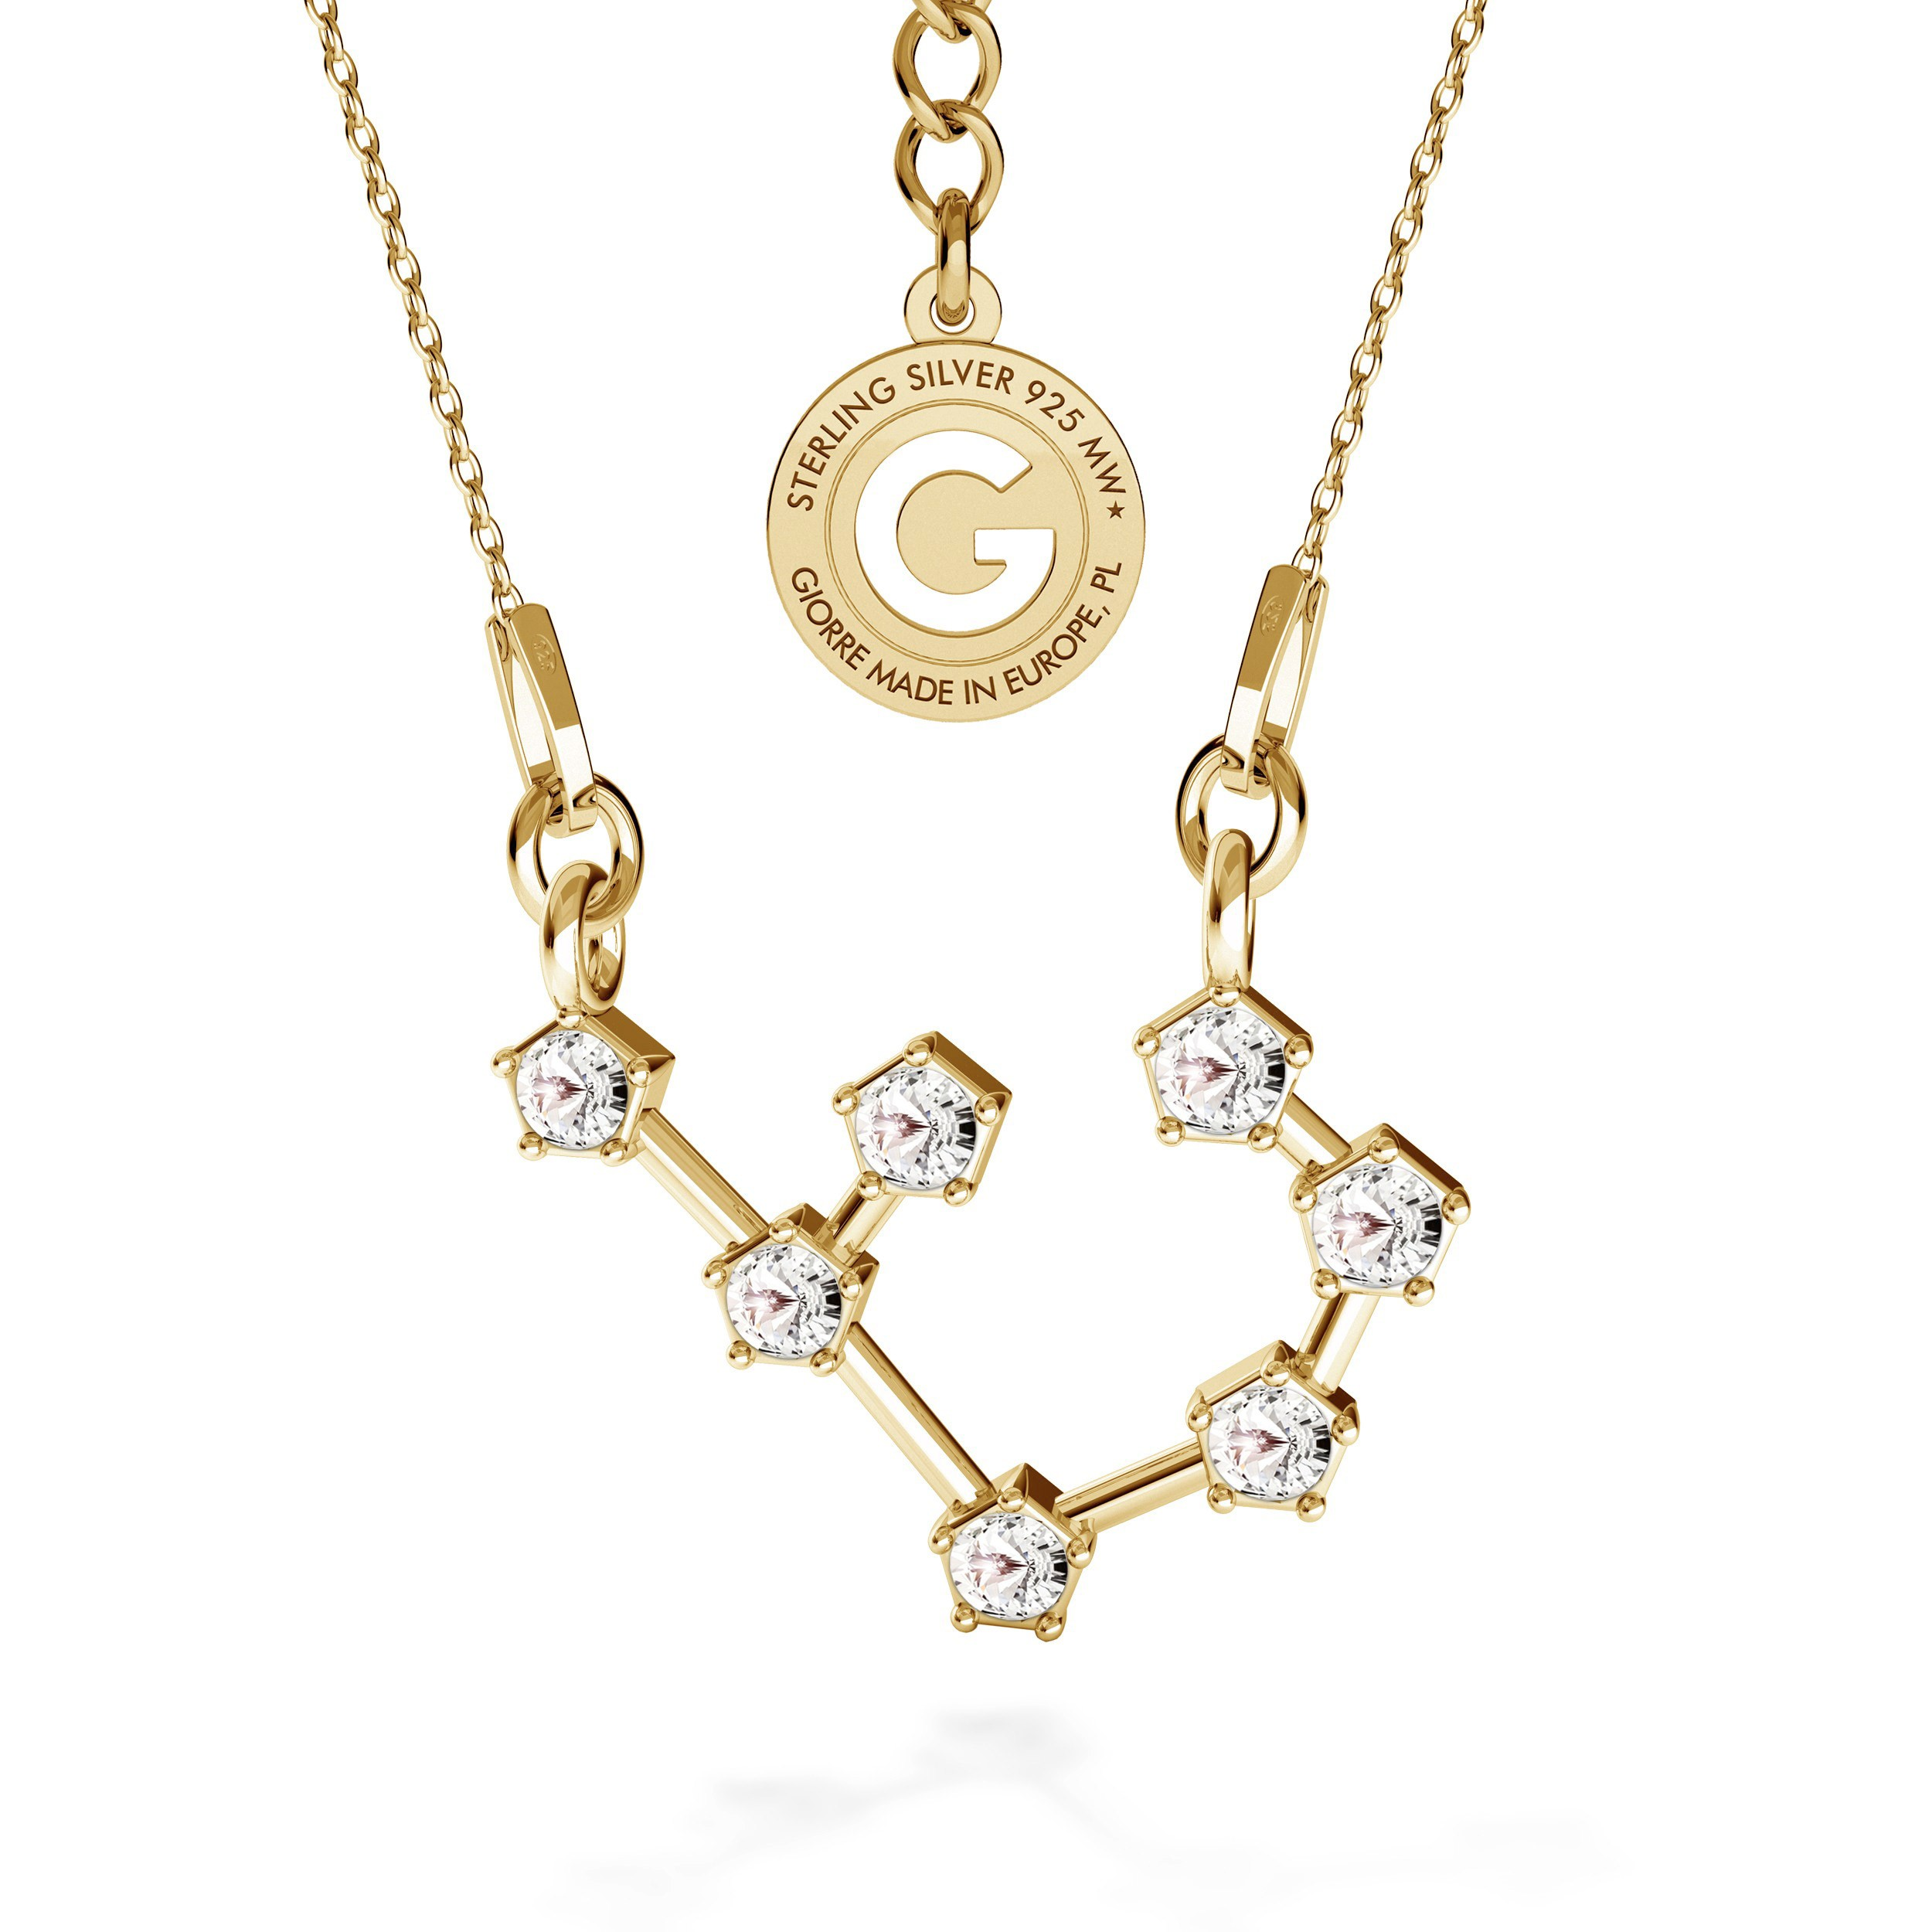 SAGITTARIUS zodiac sign necklace with Swarovski Crystals silver 925